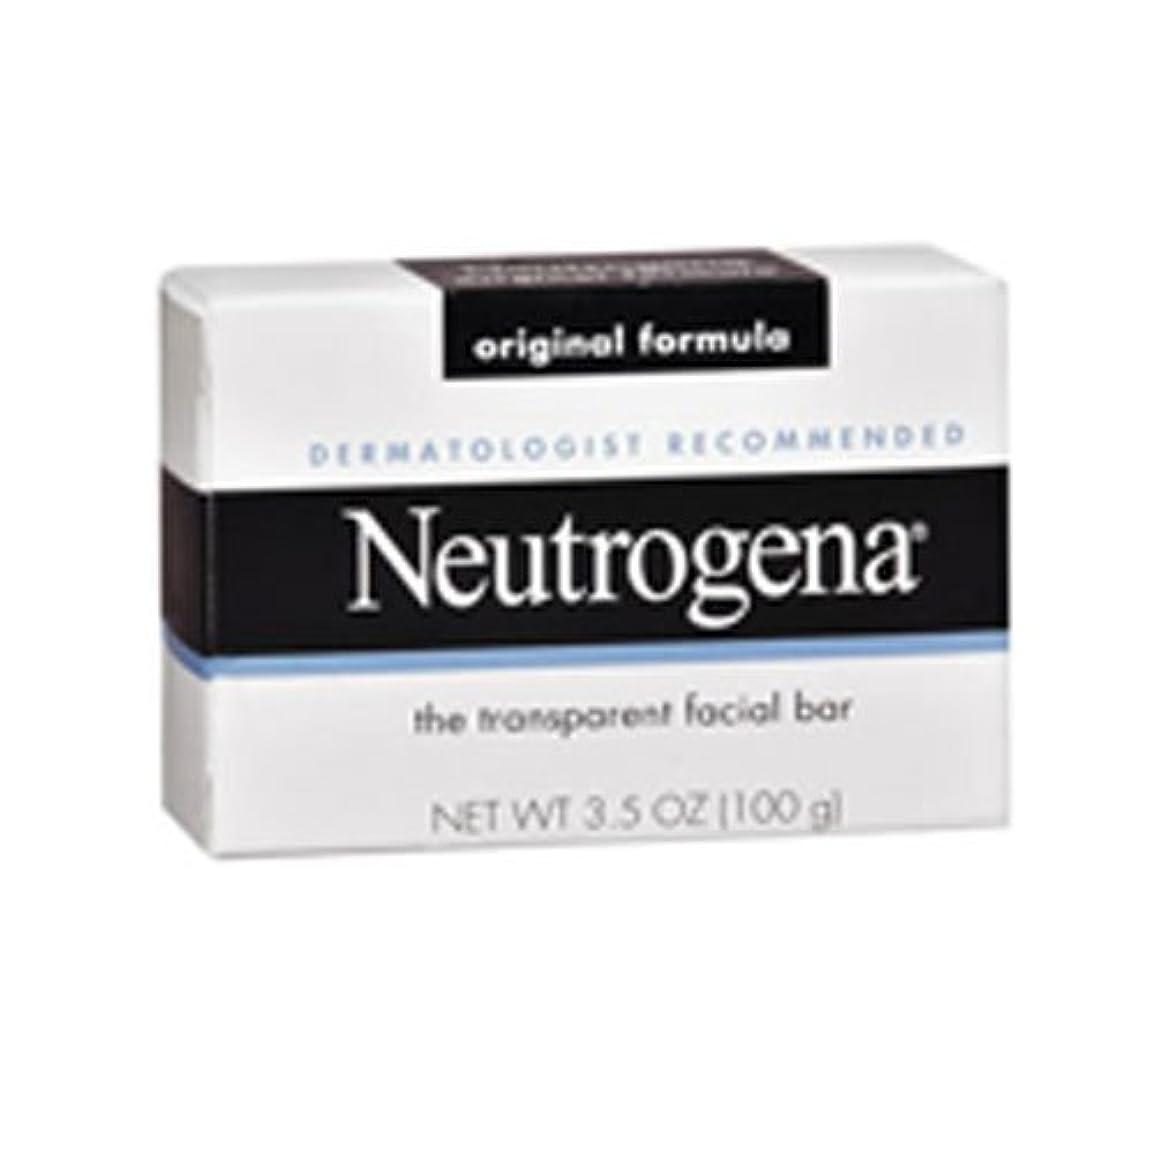 顔料前方へパトワ海外直送肘 Neutrogena Transparent Facial Soap Bar, 3.5 oz